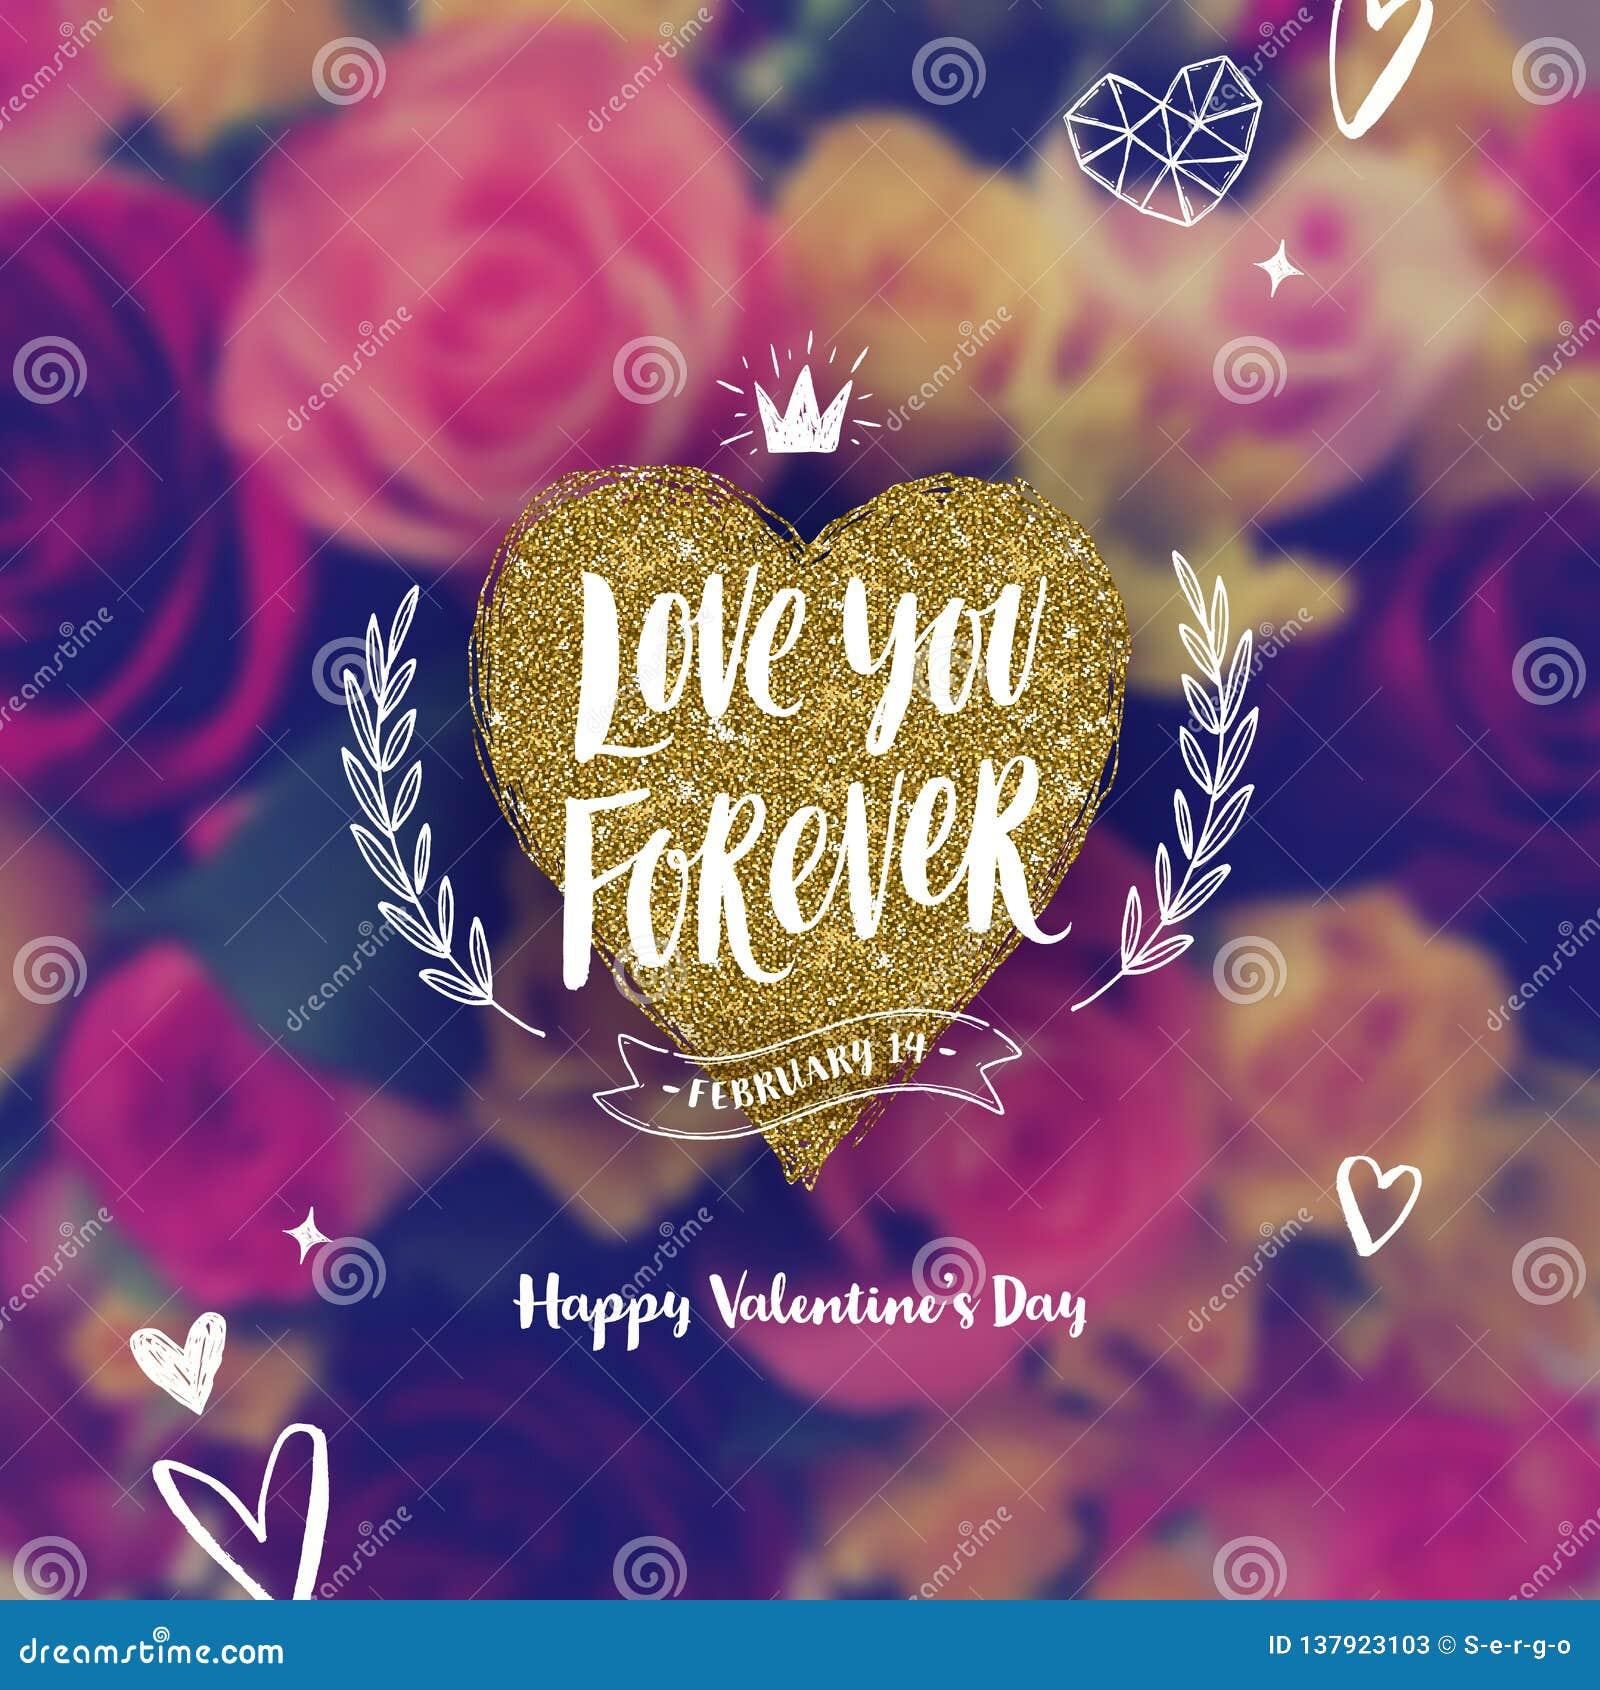 Αγάπη εσείς για πάντα - ευχετήρια κάρτα ημέρας βαλεντίνων